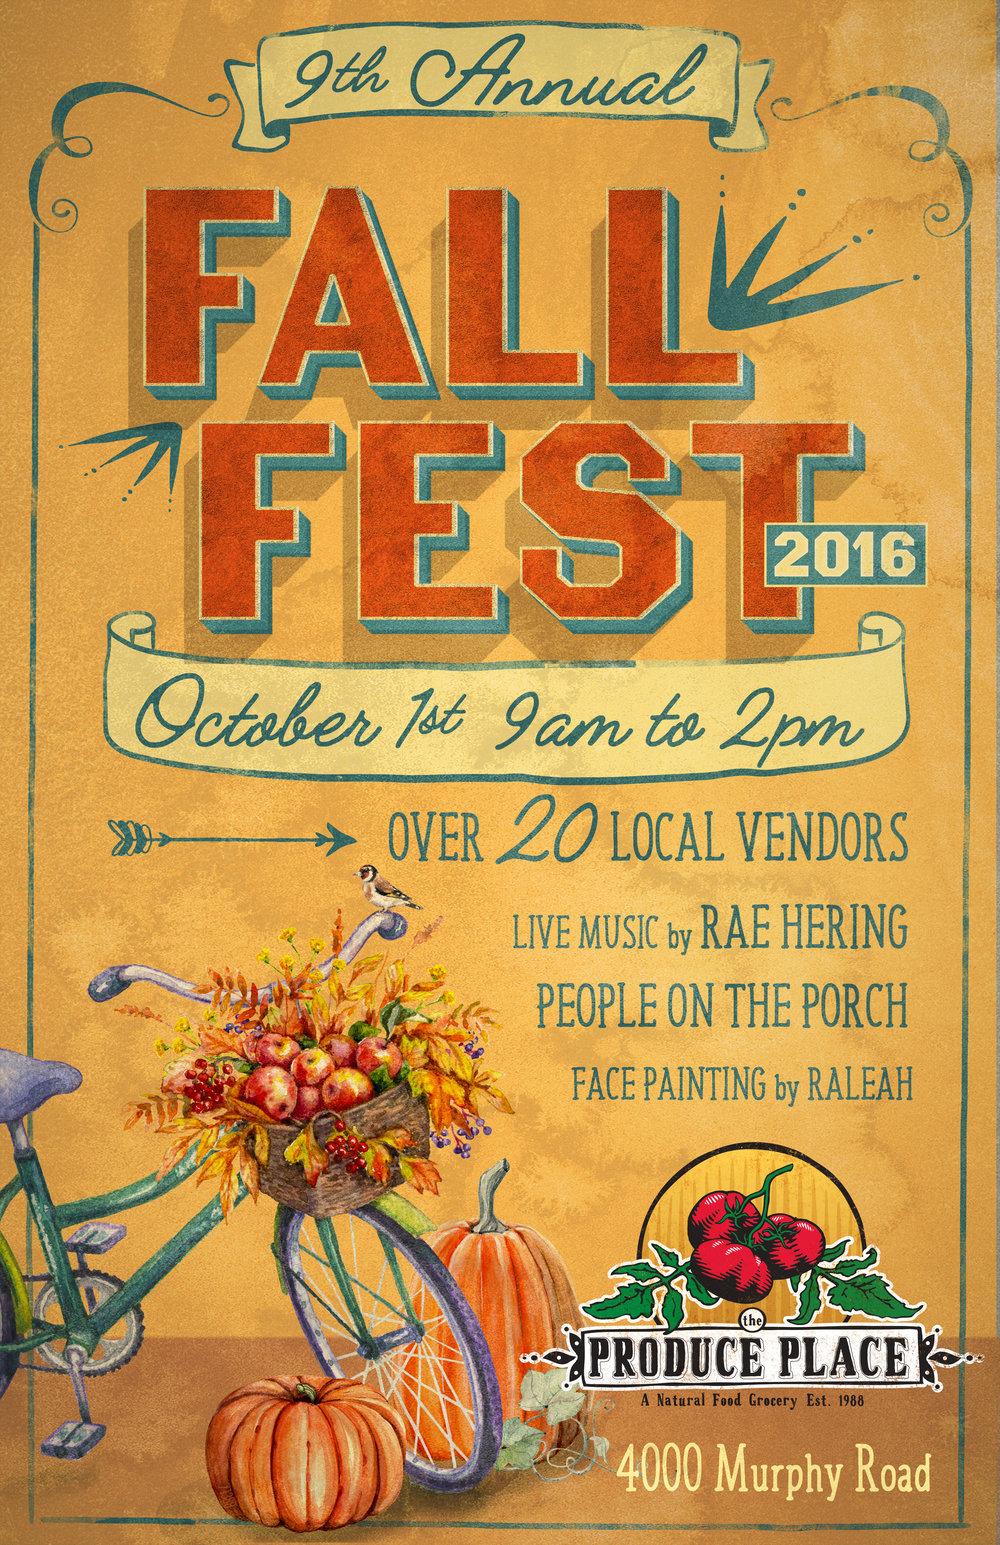 PP-Fall Fest Poster 2016 HR.JPG